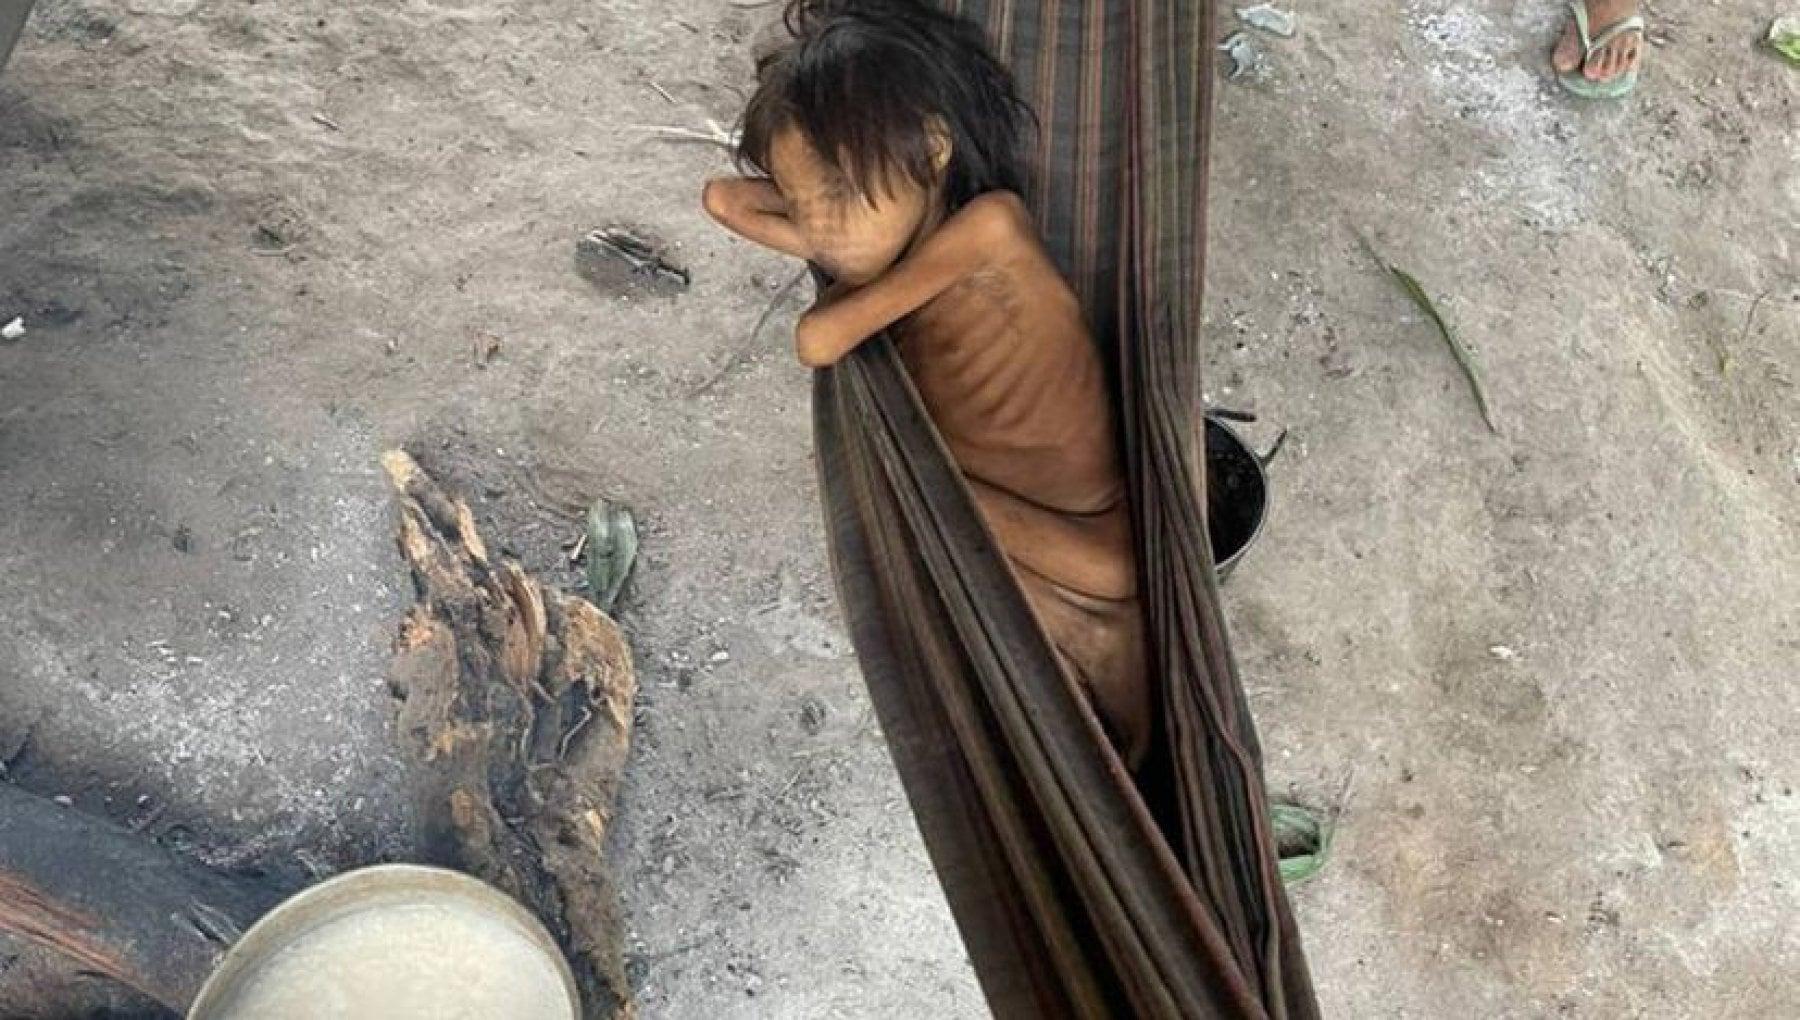 145347101 684f1862 4411 48b8 85f3 a421a3f5653a - Otto anni, 12,5 chili: la bambina simbolo della strage degli Yanomami